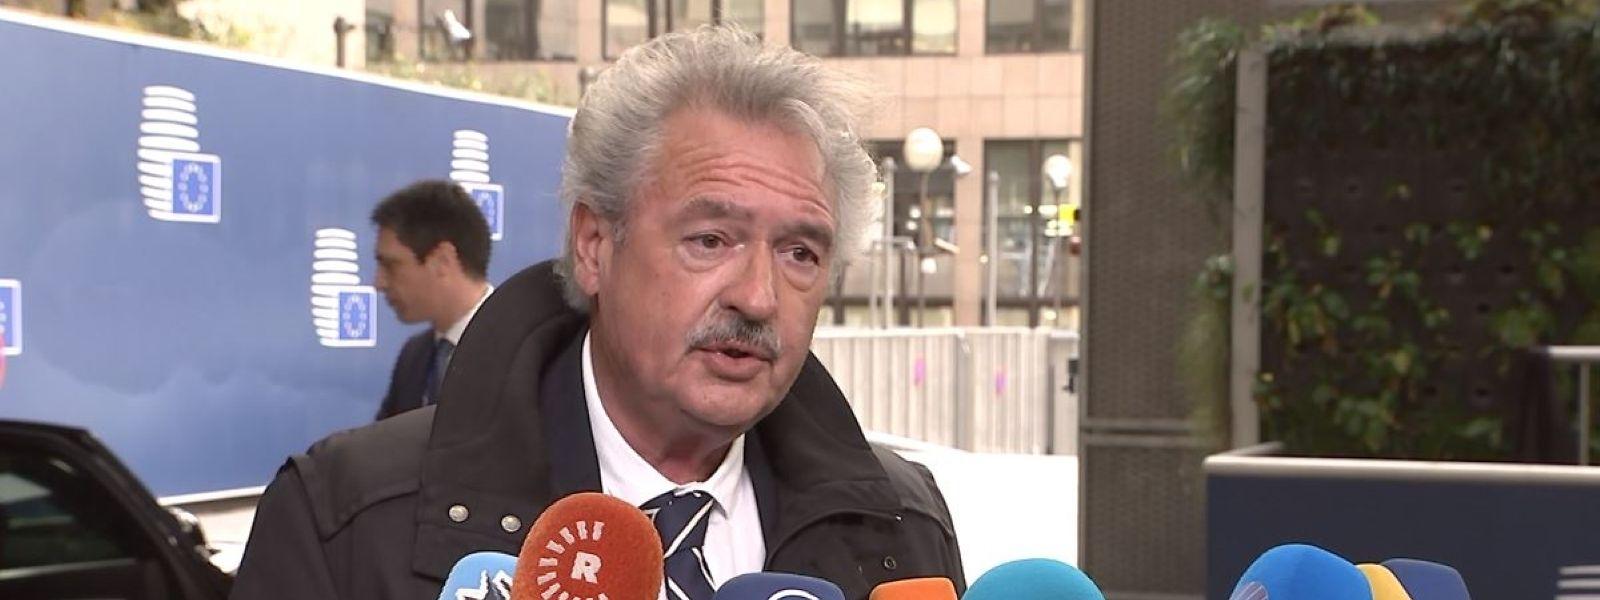 Der Luxemburgische Außenminister Jean Asselborn (LSAP) ist europaweit für seine direkte Art bekannt.